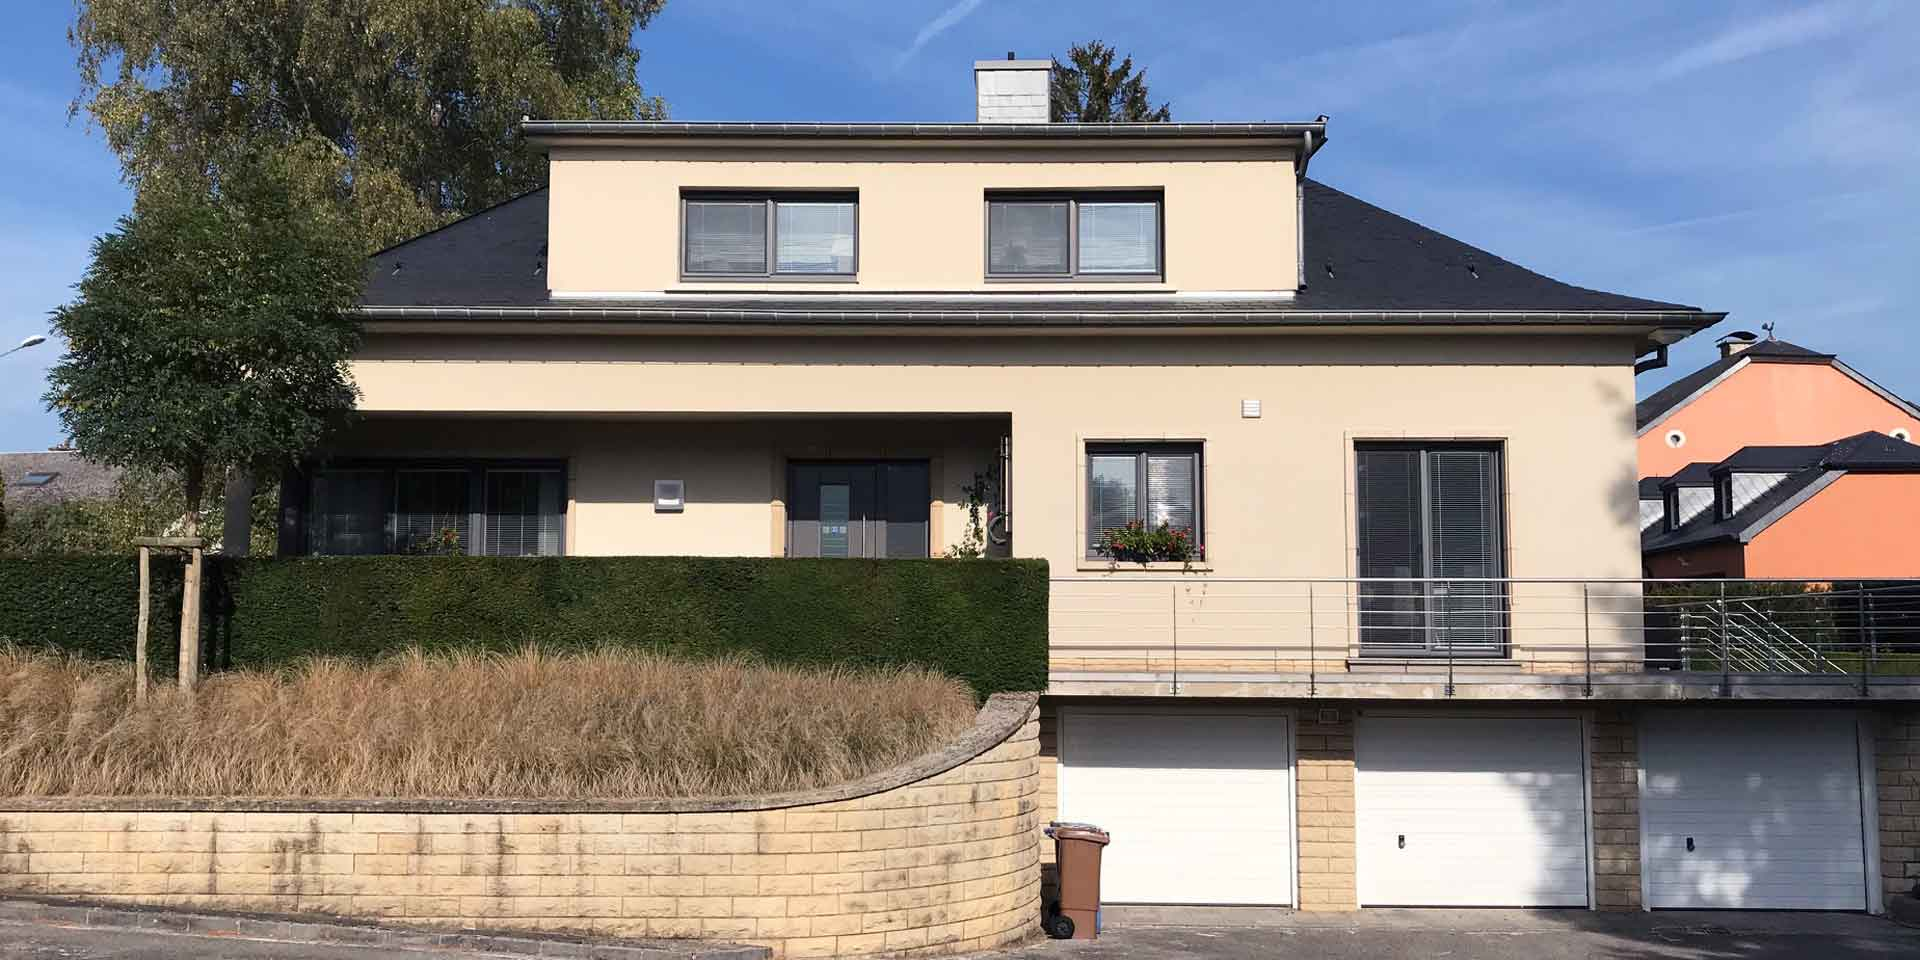 Beiges Einfamilienhaus mit grauen Coplaning PVC Alu-Fenster und einer grauen modernen Coplaning Haustür mit Seitenlicht aus Glas.